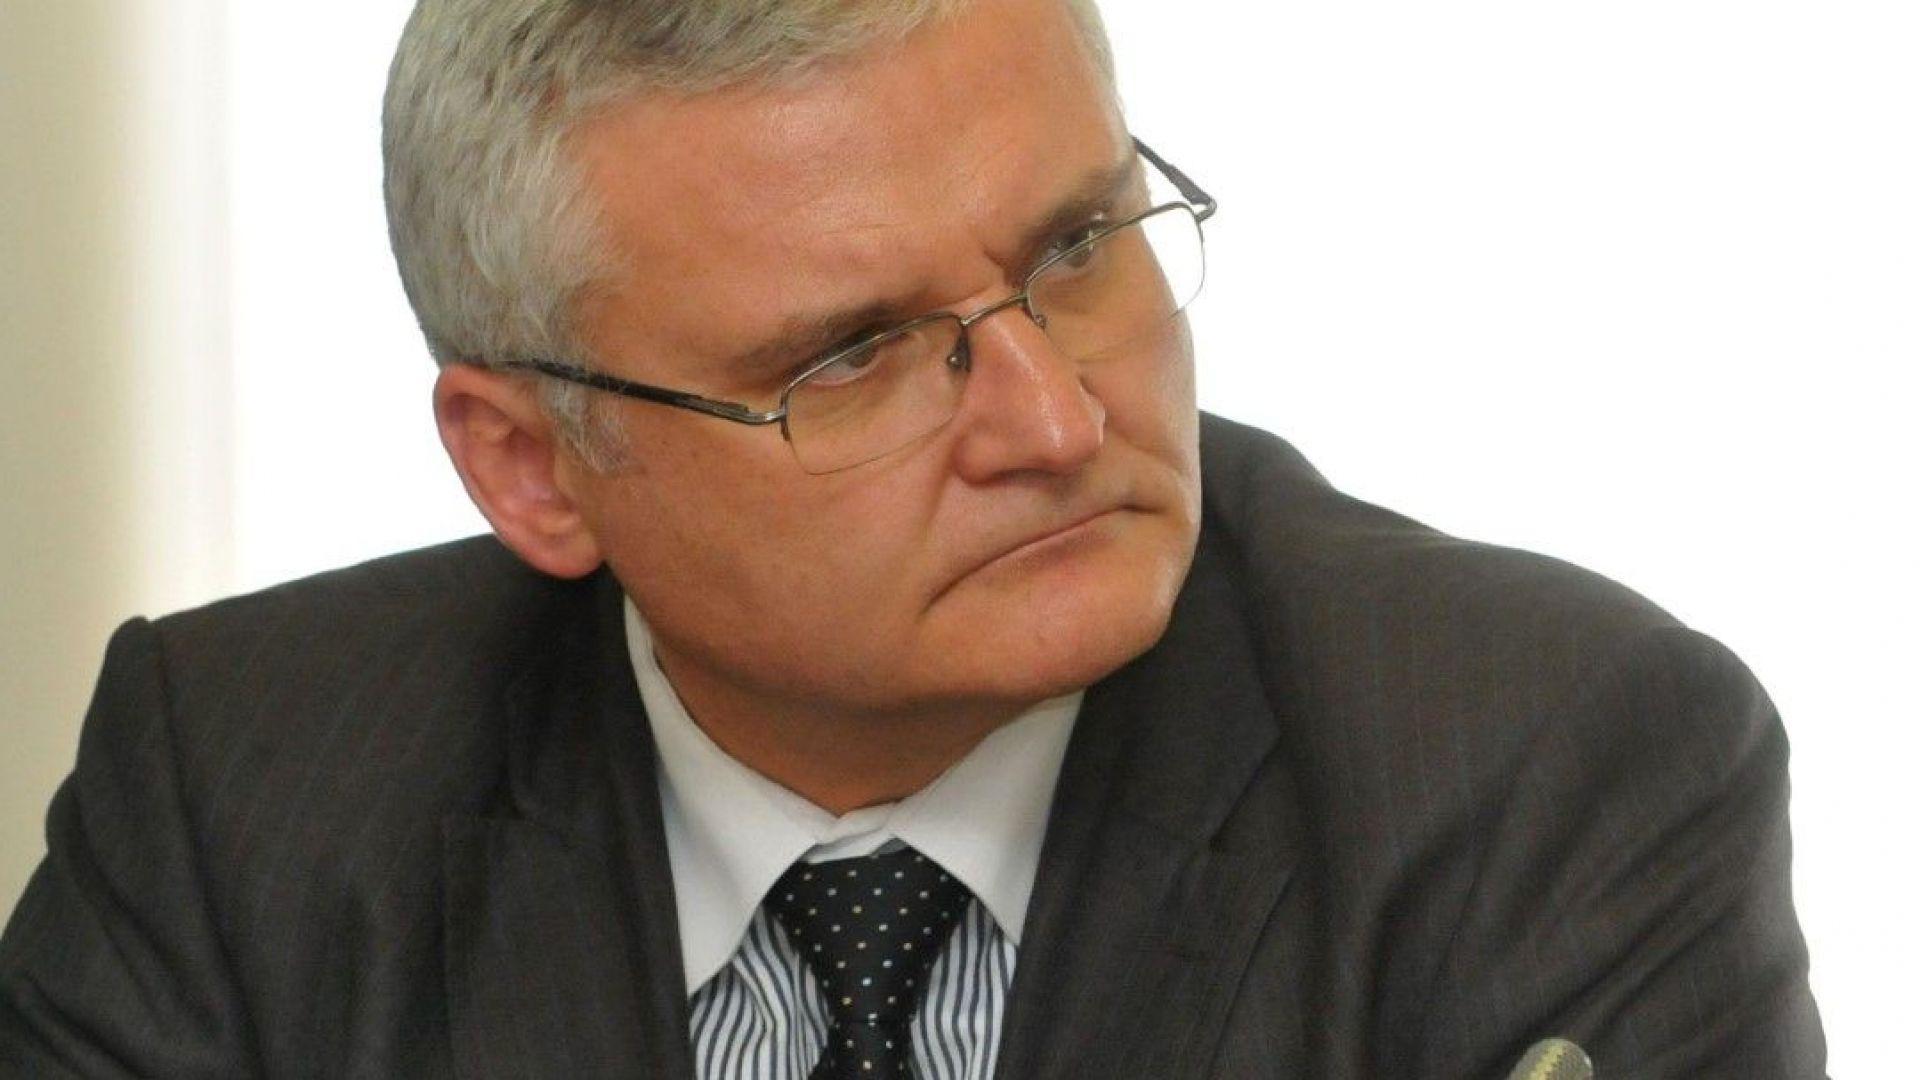 Минчо Спасов: Не съм хулиган, а пацифист - изразявам неуважение към управляващите, а не към обществото